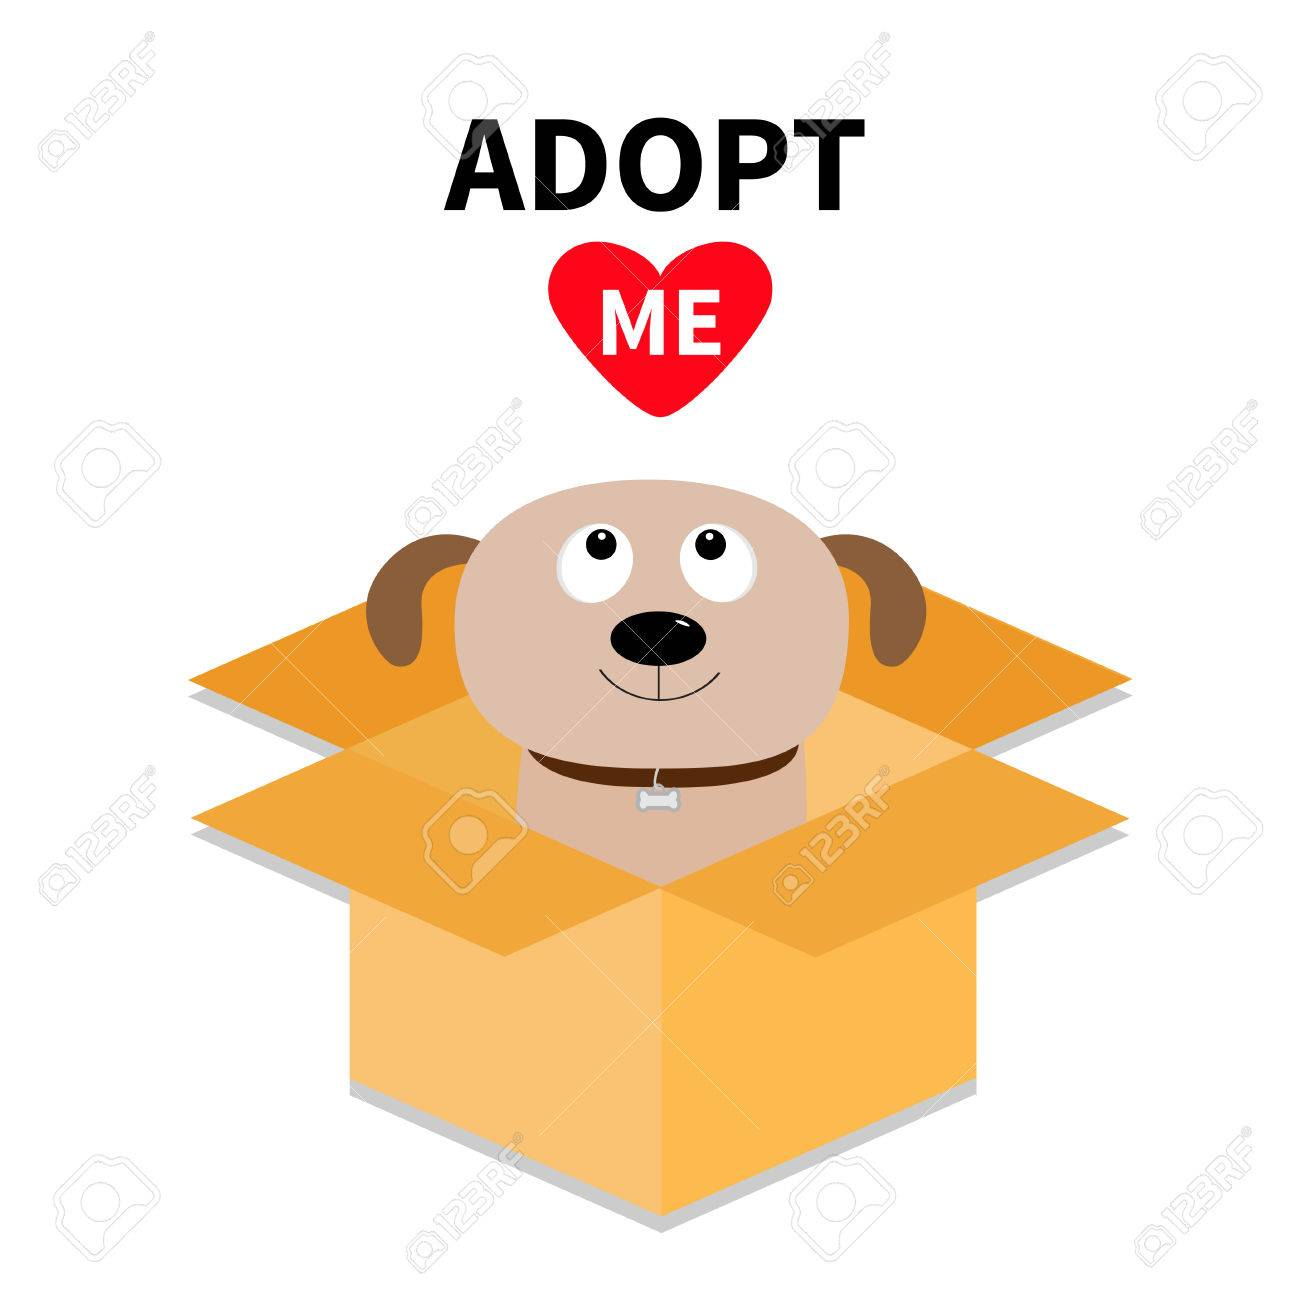 Adopte moi. Ne pas acheter. Chien à l'intérieur de la boîte en carton ouverte. Adoption d'animaux. Chiot chiot levant les yeux vers le coeur rouge.